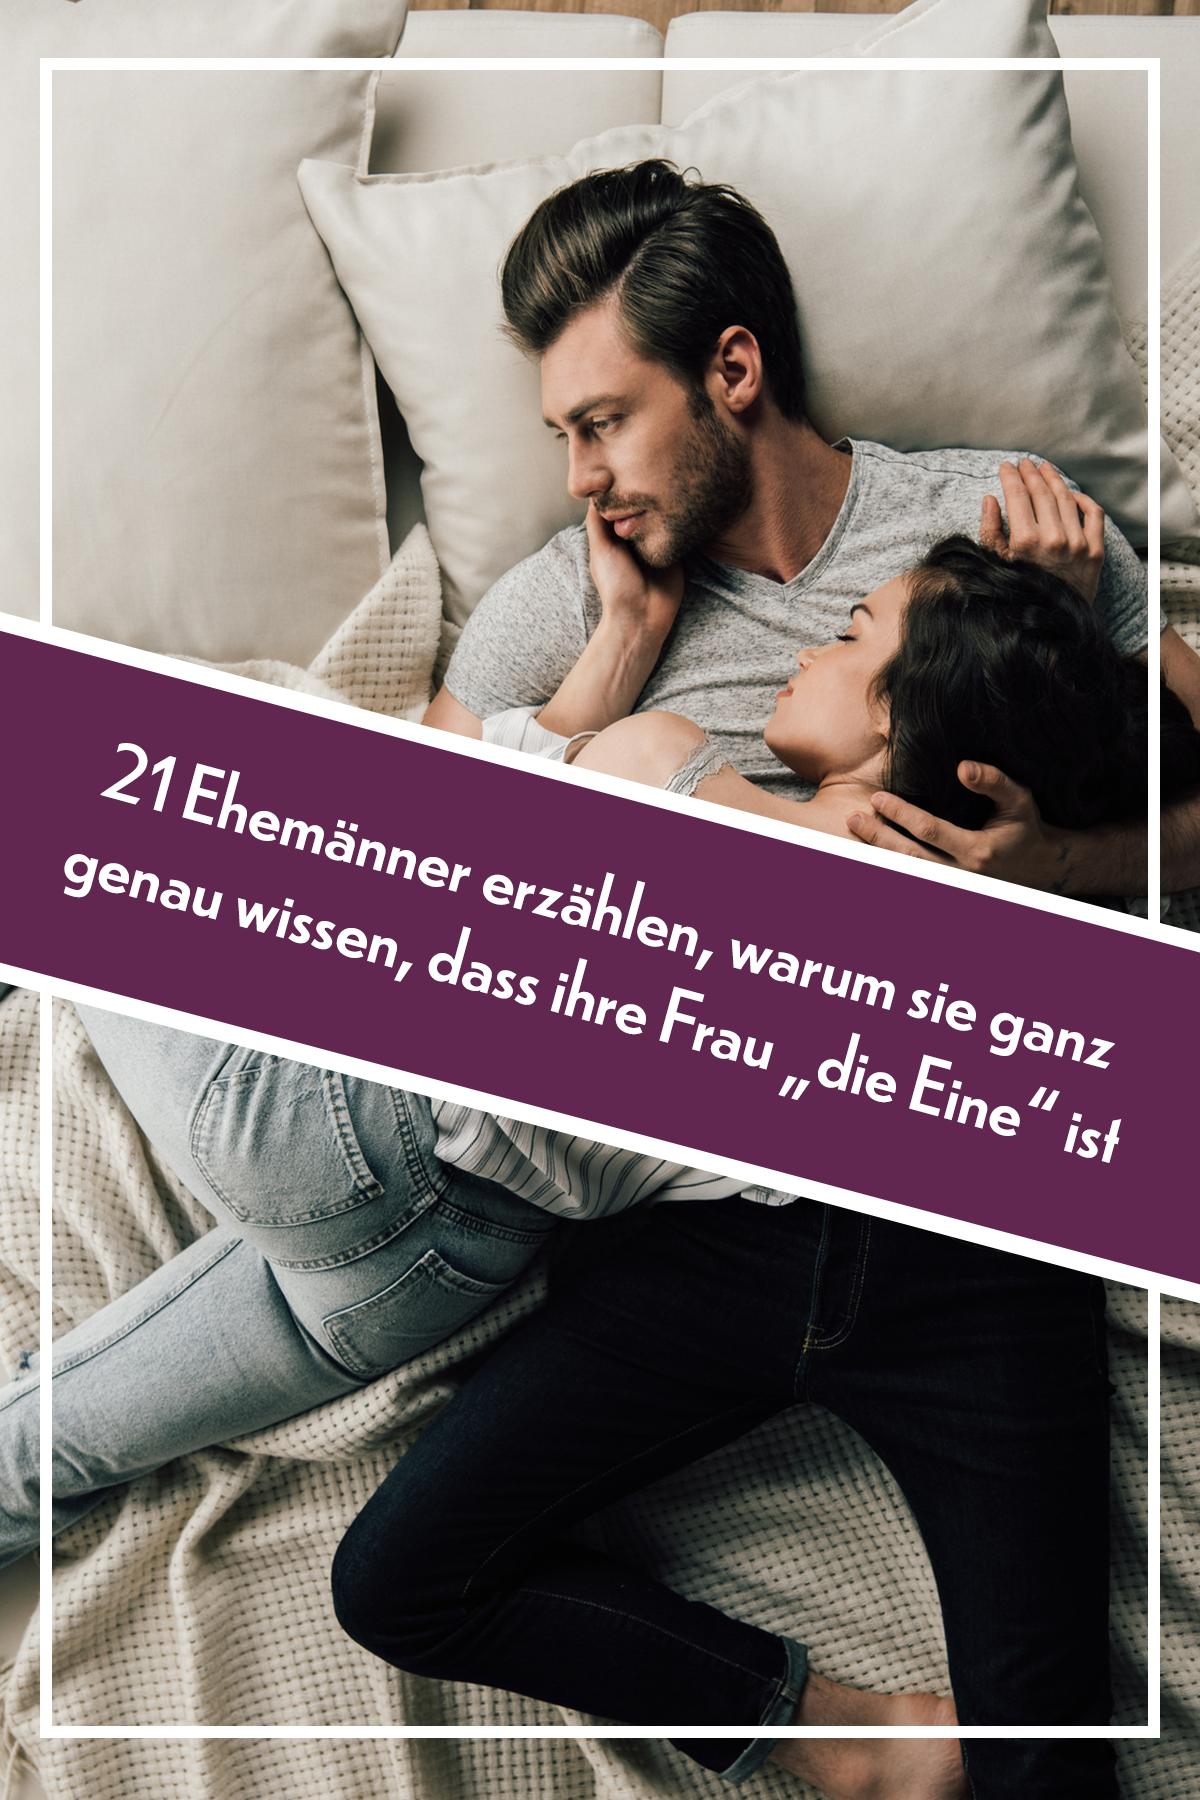 """21 Ehemänner erzählen, warum sie ganz genau wissen, dass ihre Frau """"die Eine"""" ist"""